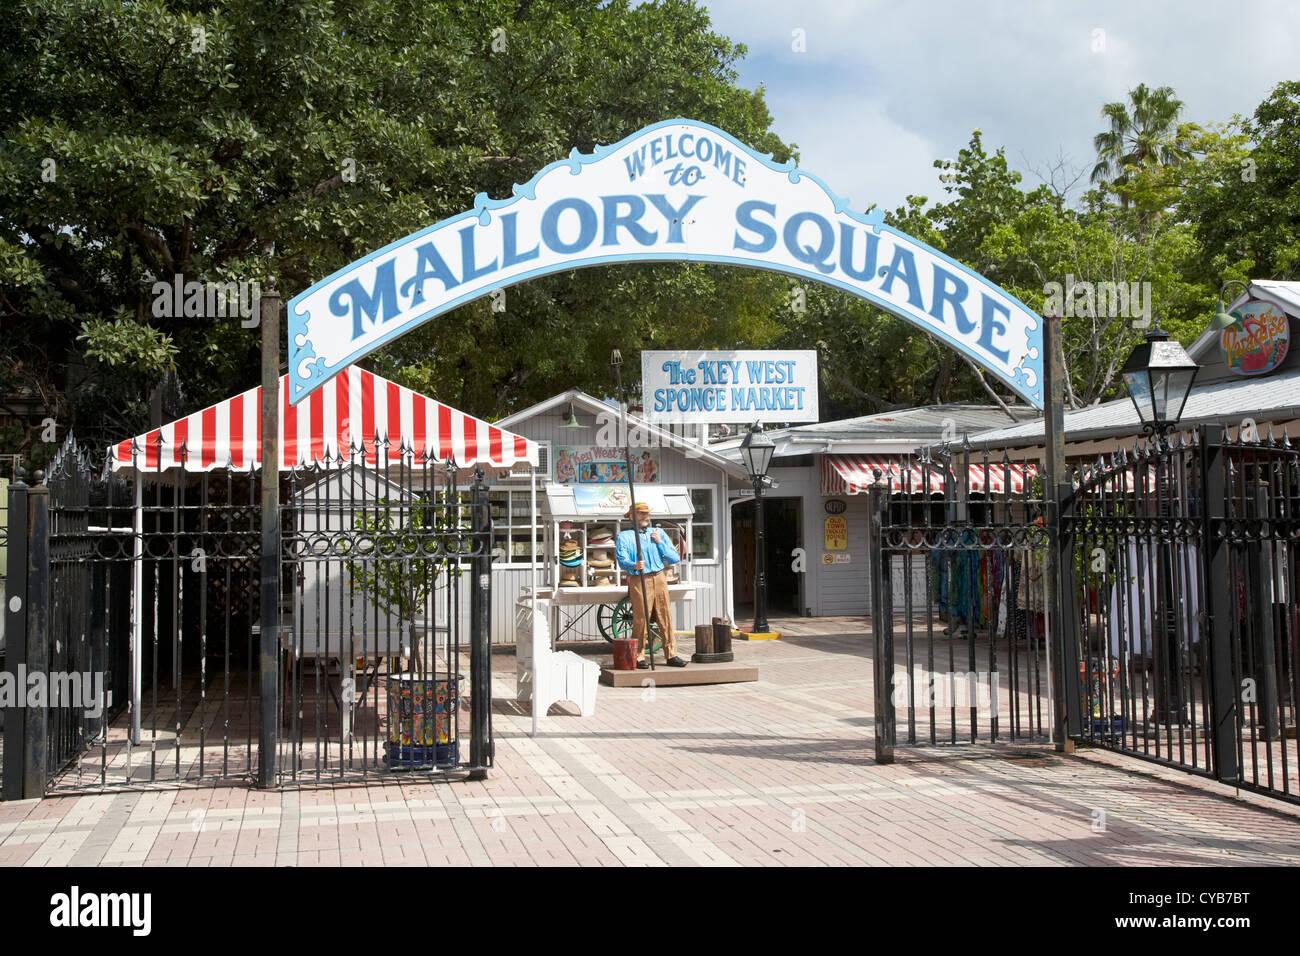 mallory square and key west sponge market florida usa - Stock Image